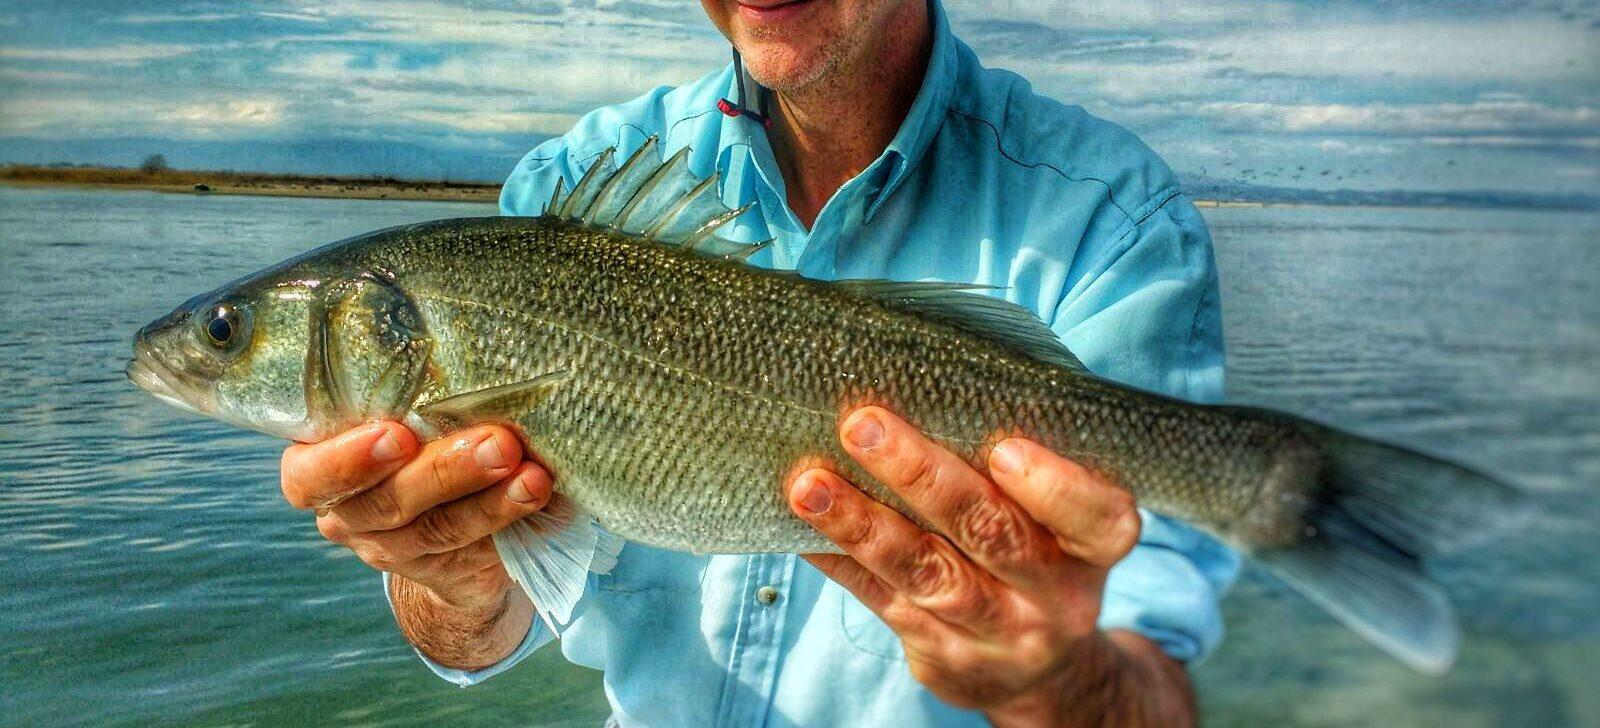 Pescar en el mar con éxito, es posible…!!